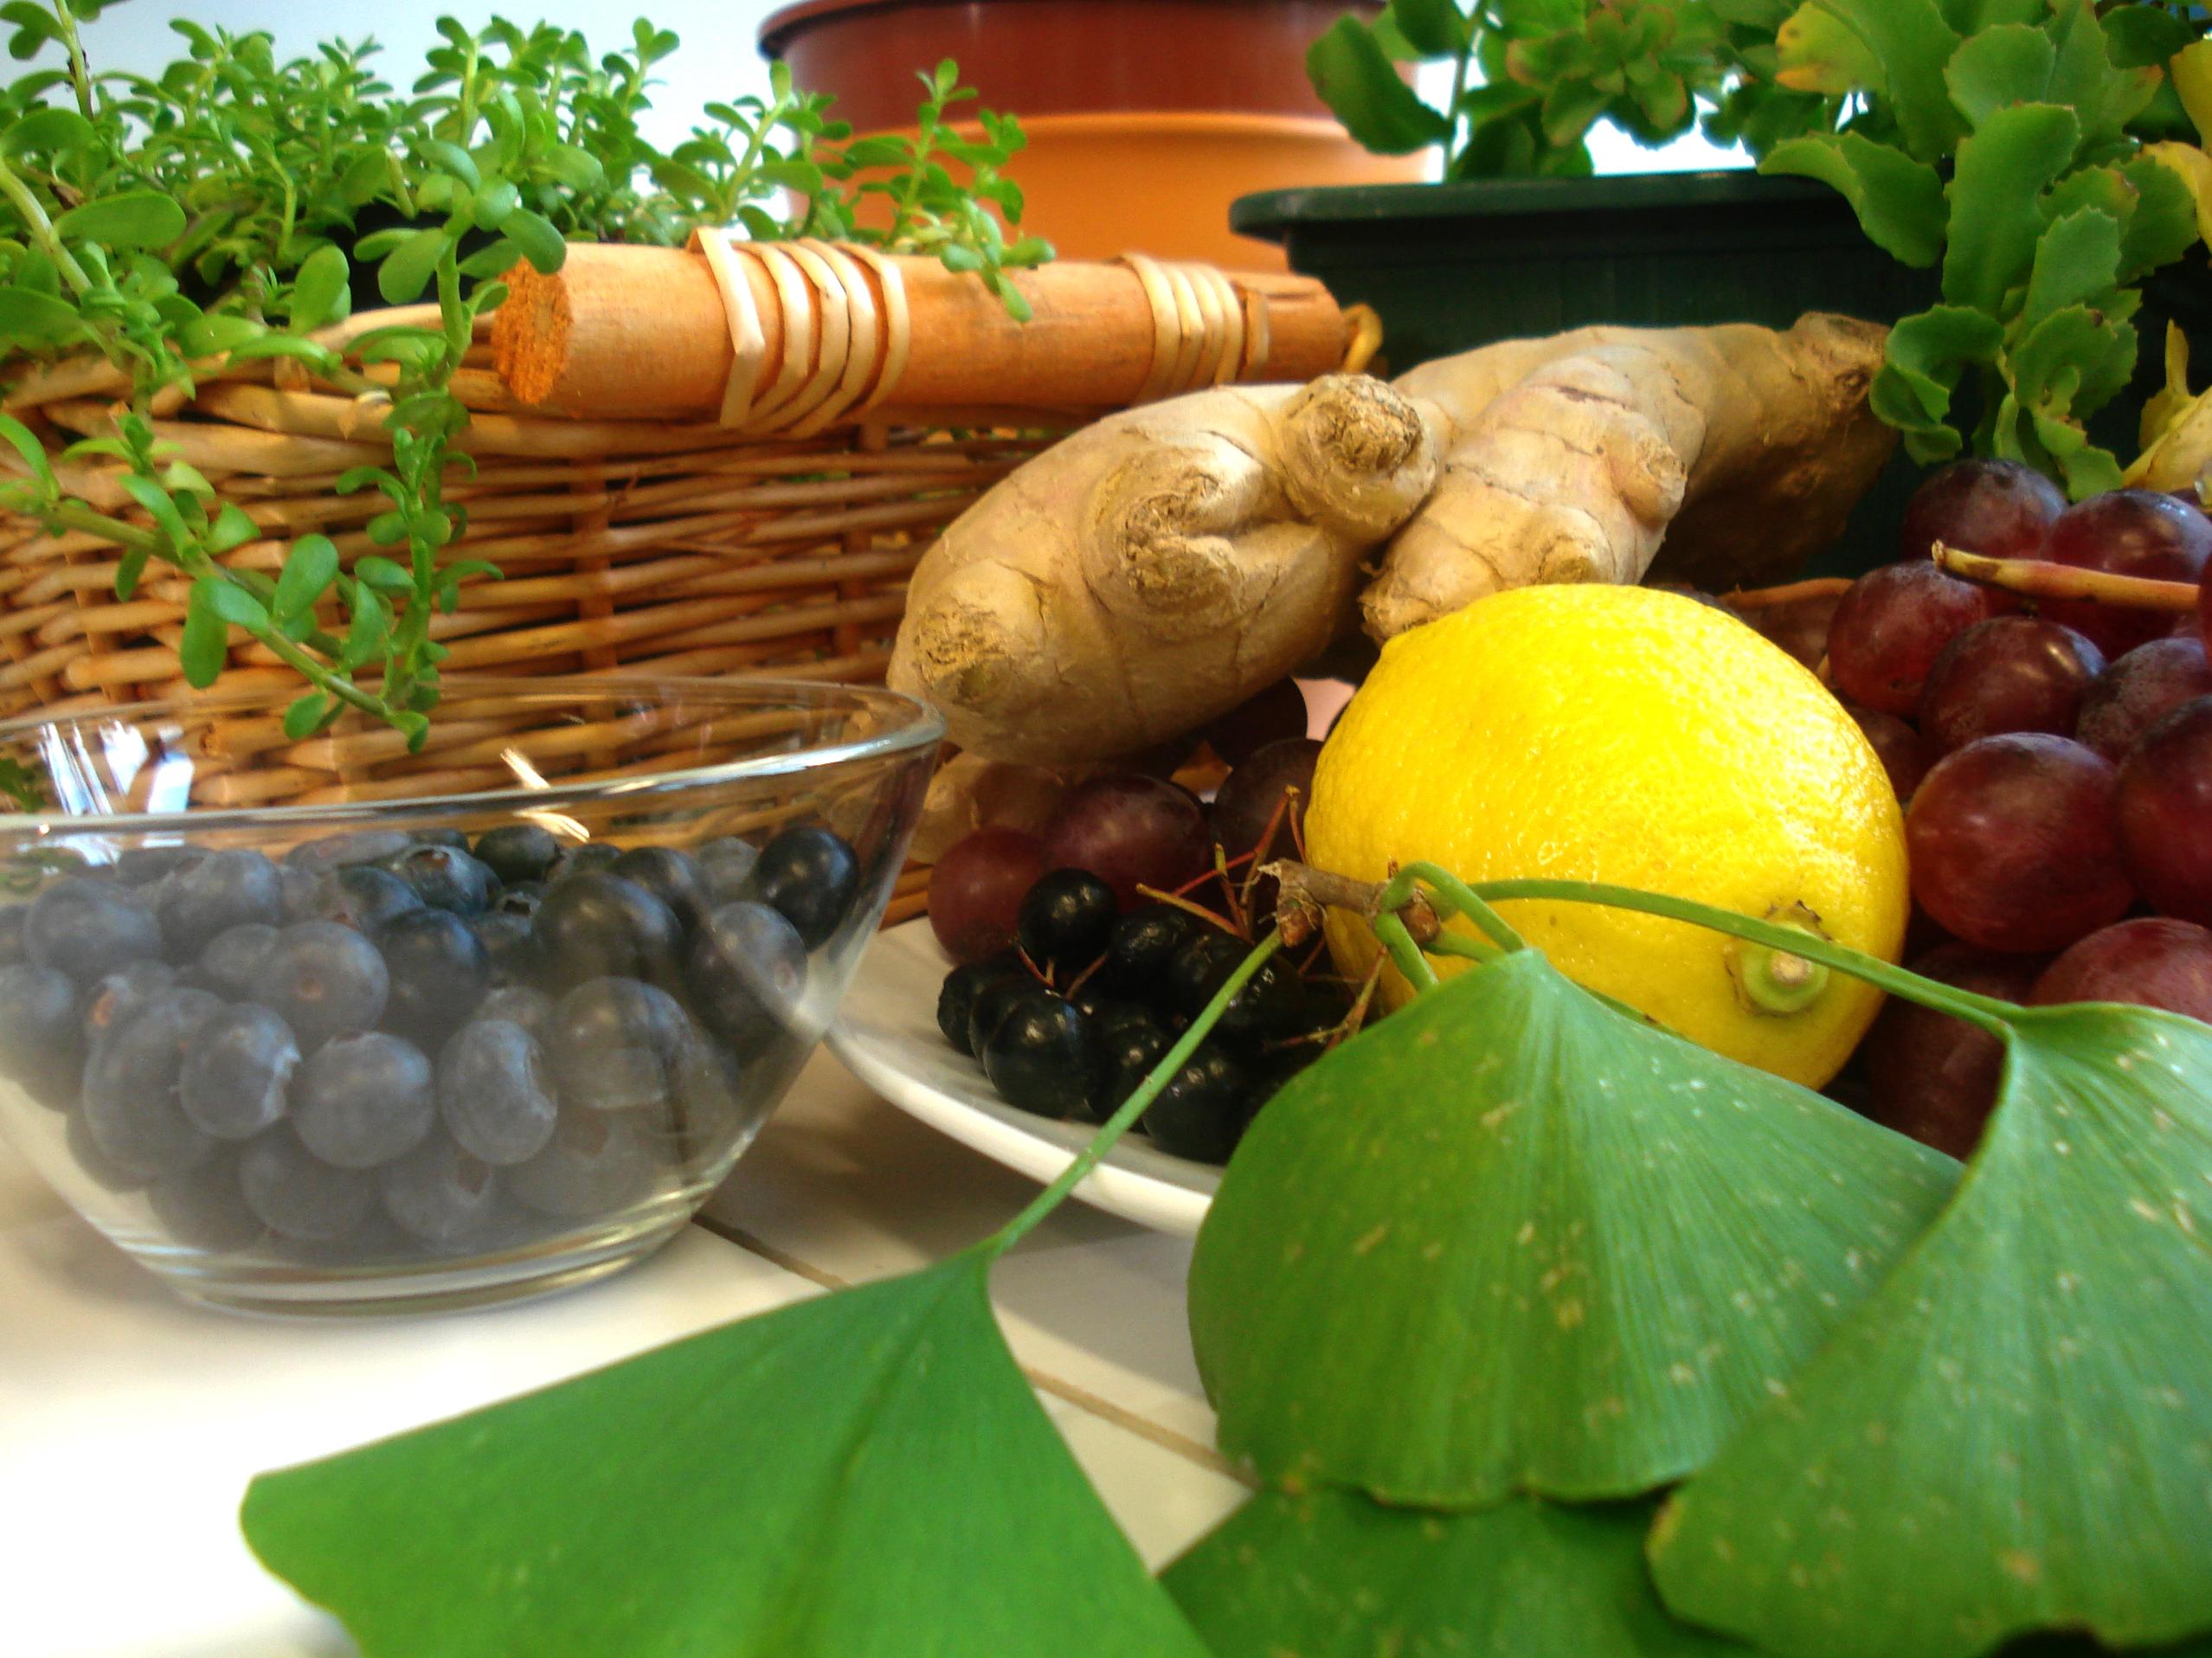 Exotische Früchte sollen eine Alternative zu ungesunden Energy-Drinks bieten.